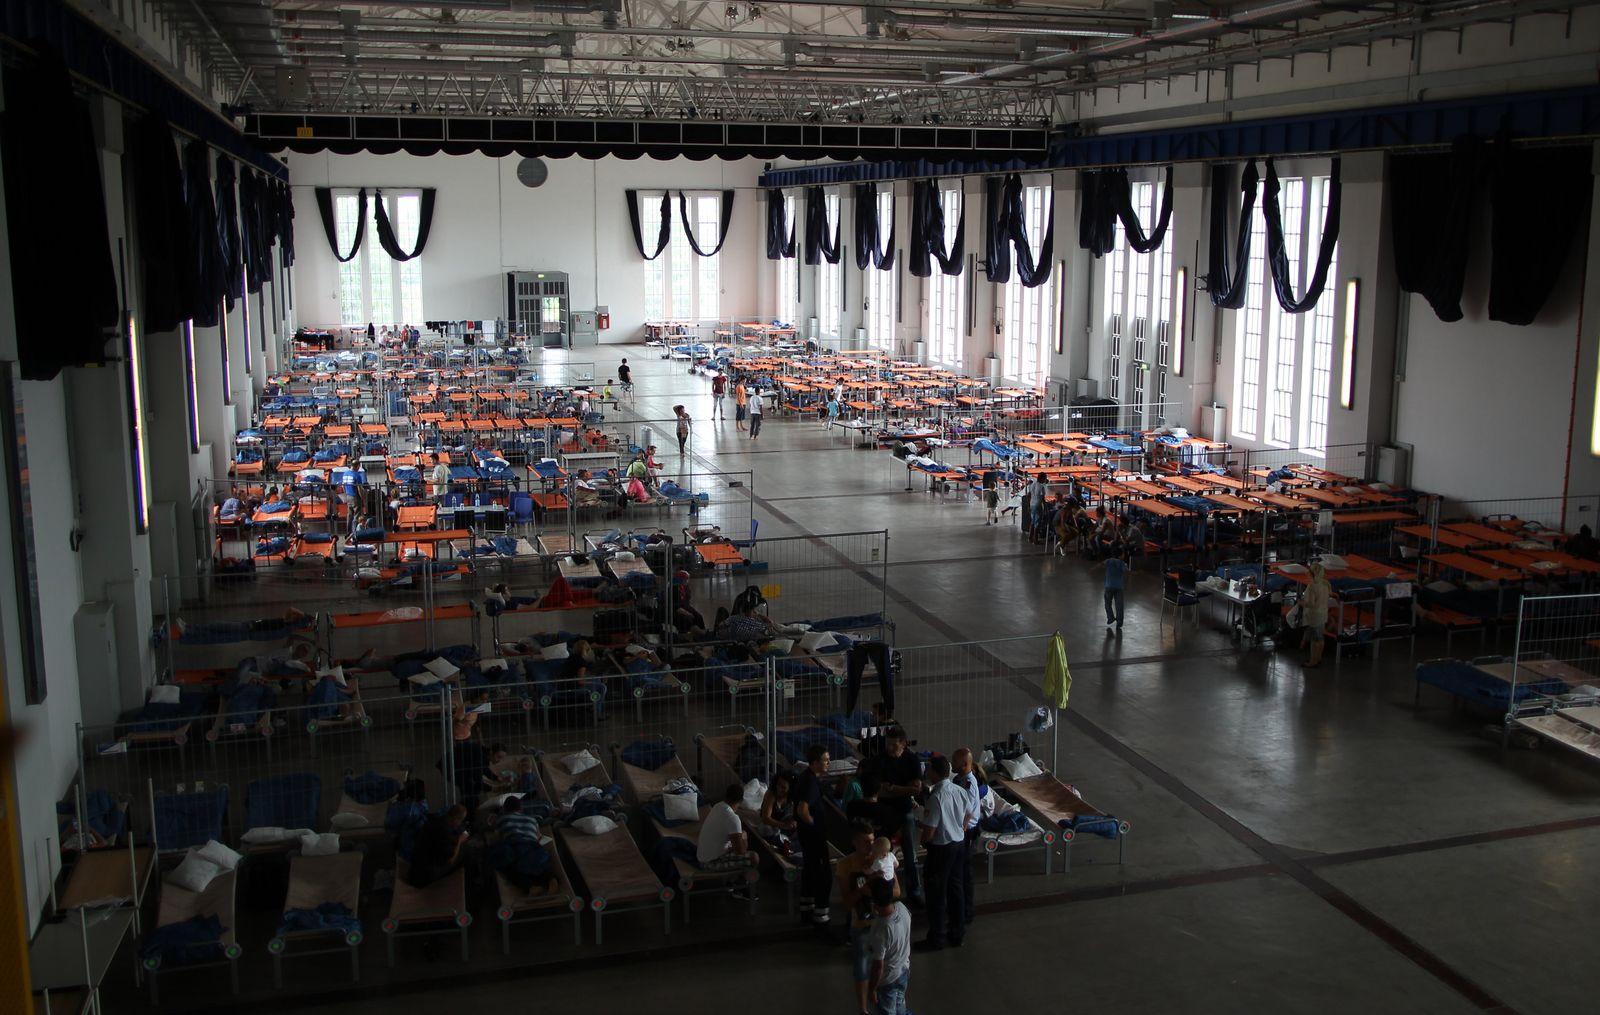 Flüchtlingsunterkunft in Hamm